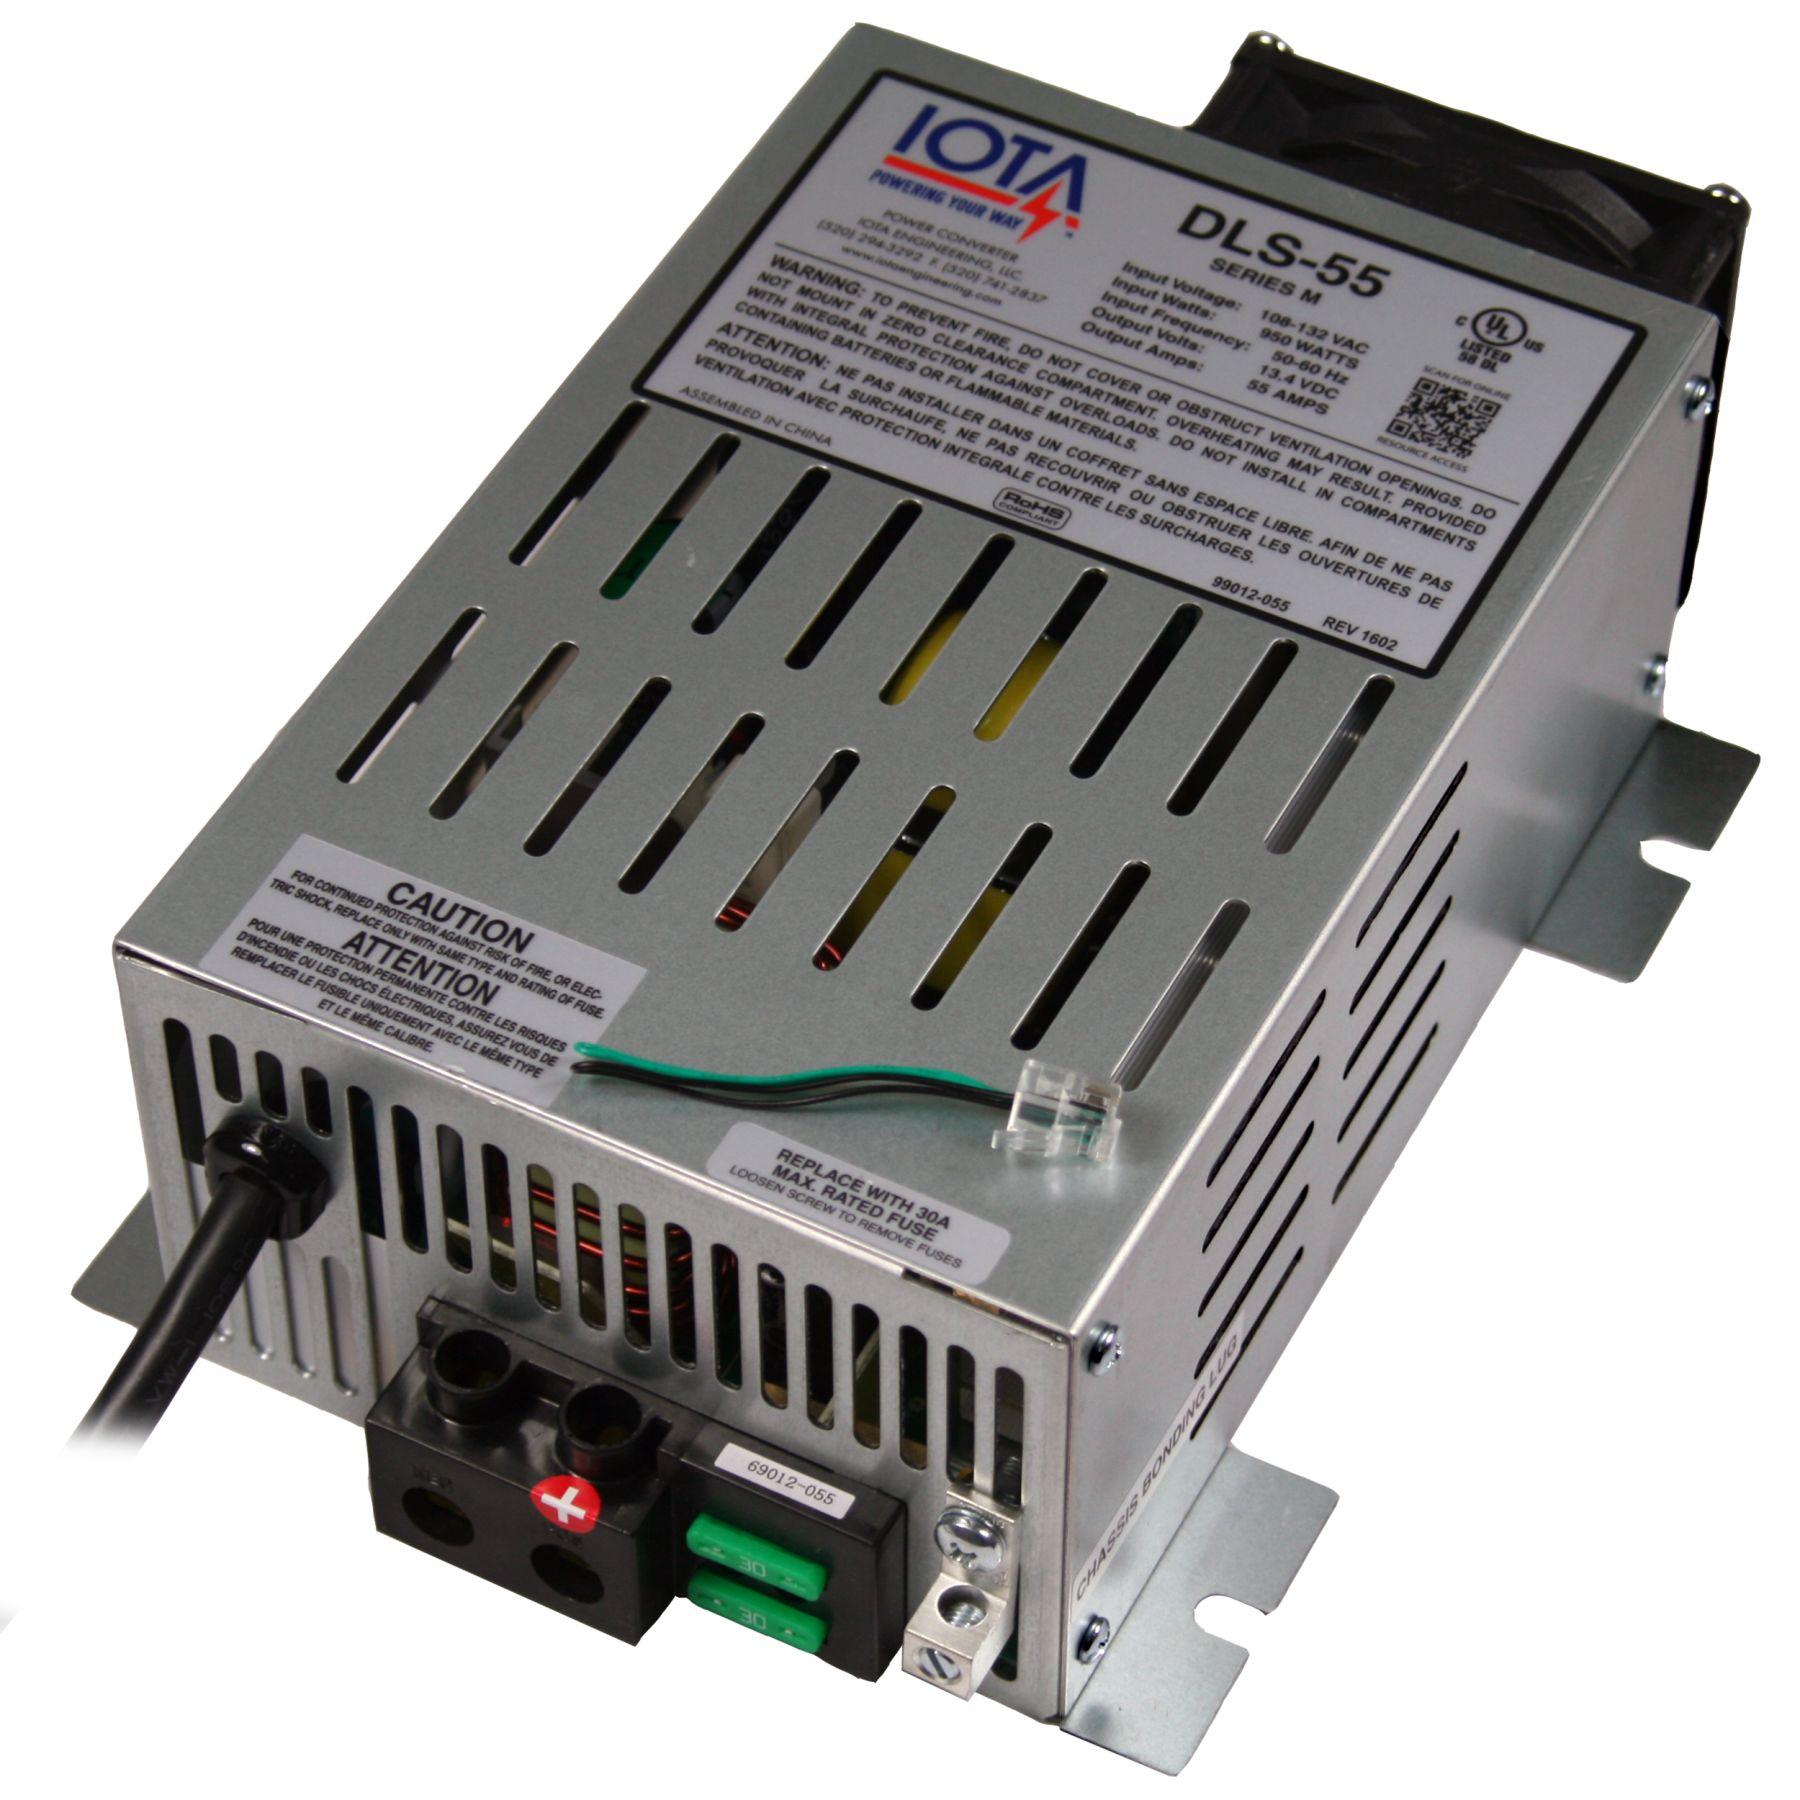 Dls 55 Iota 12v 55 Amp Power Converter Battery Charger